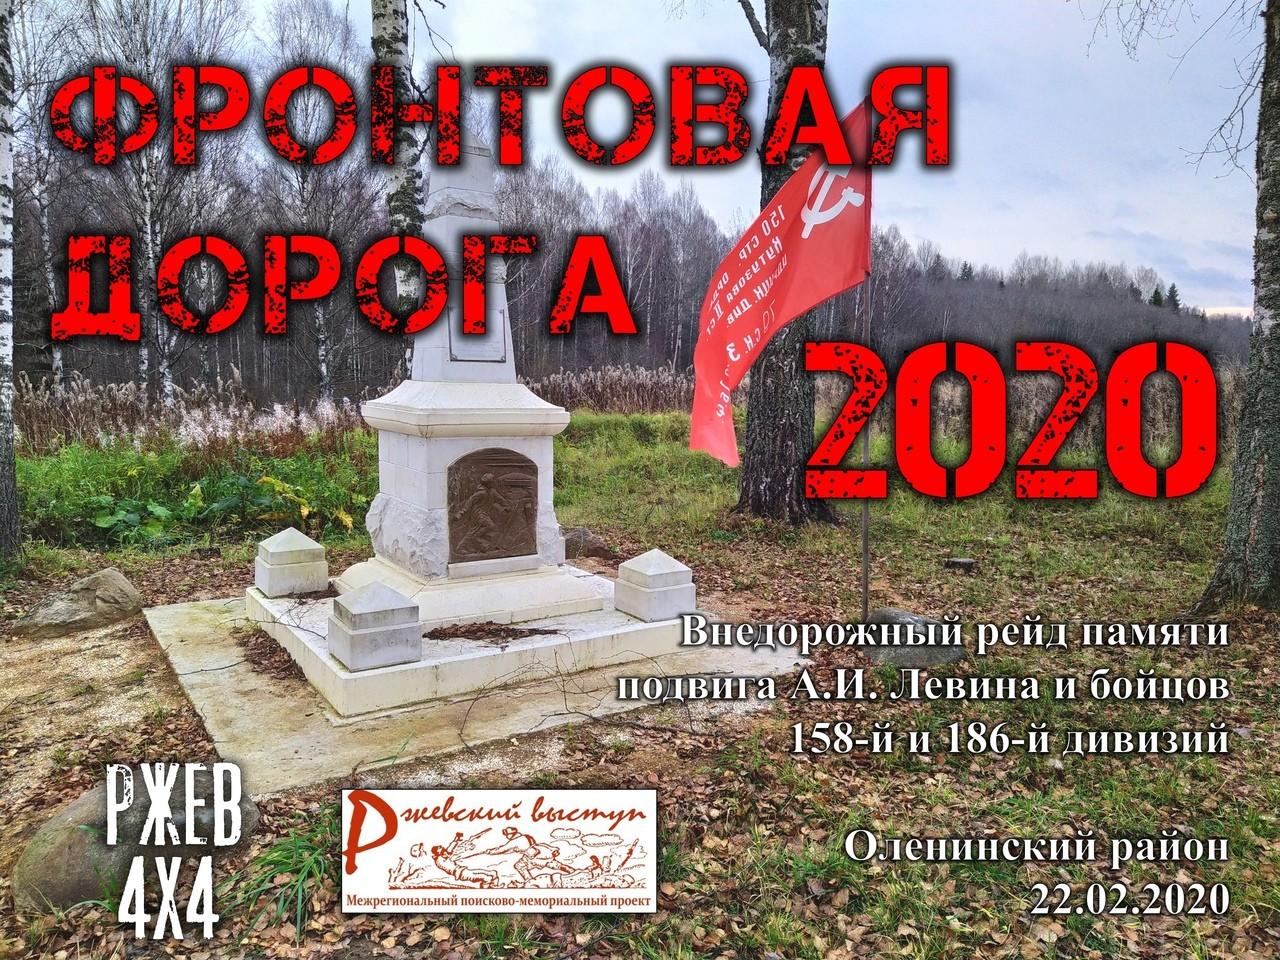 Внедорожники проедут по фронтовым дорогам Тверской области